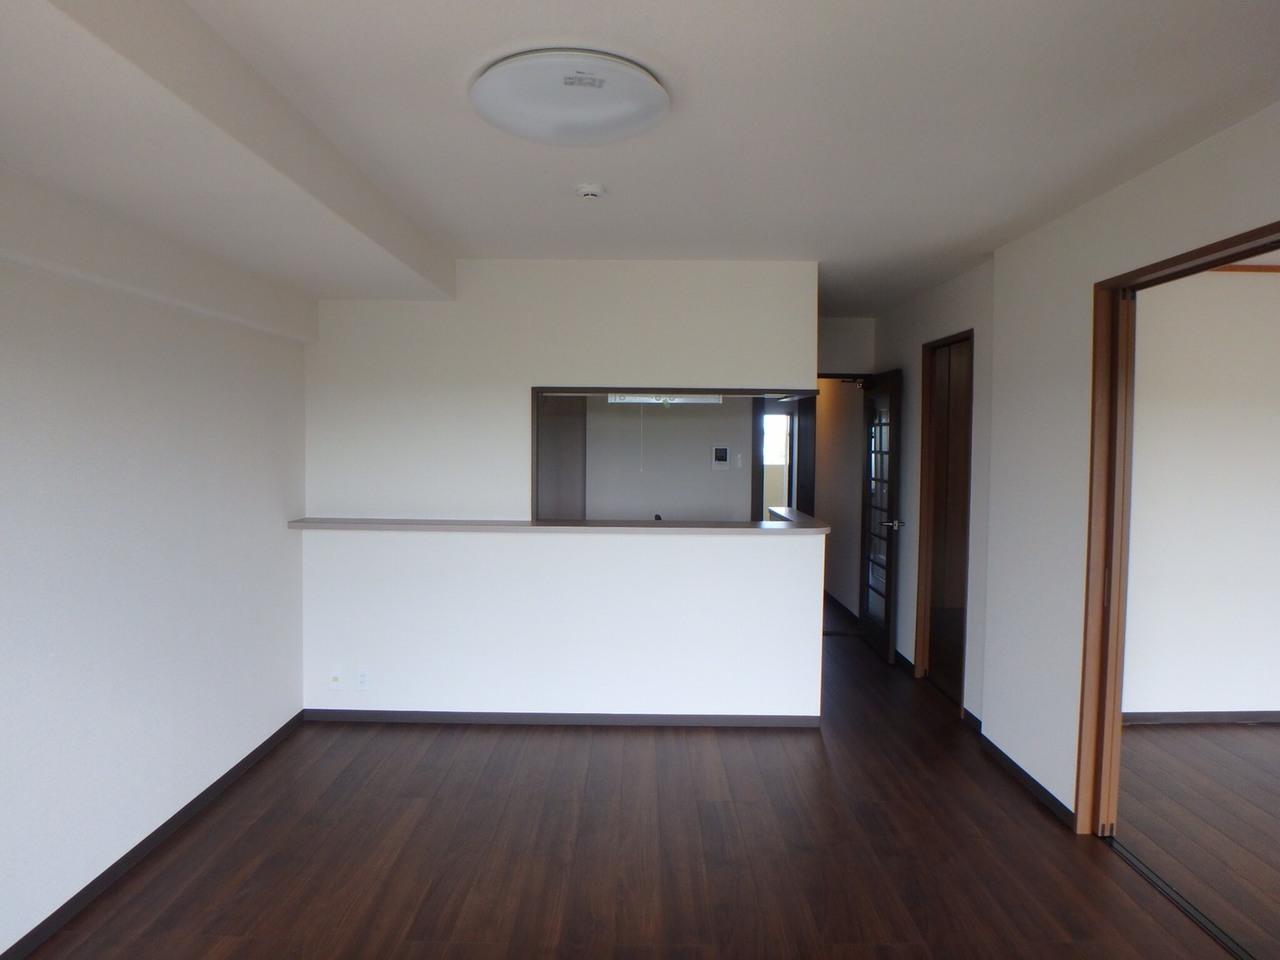 1階のごみ置き場です。 屋根つきで施錠管理されており、また毎日管理人さんが清掃作業しているので、 嫌なにおいもなく、清潔に保たれています。